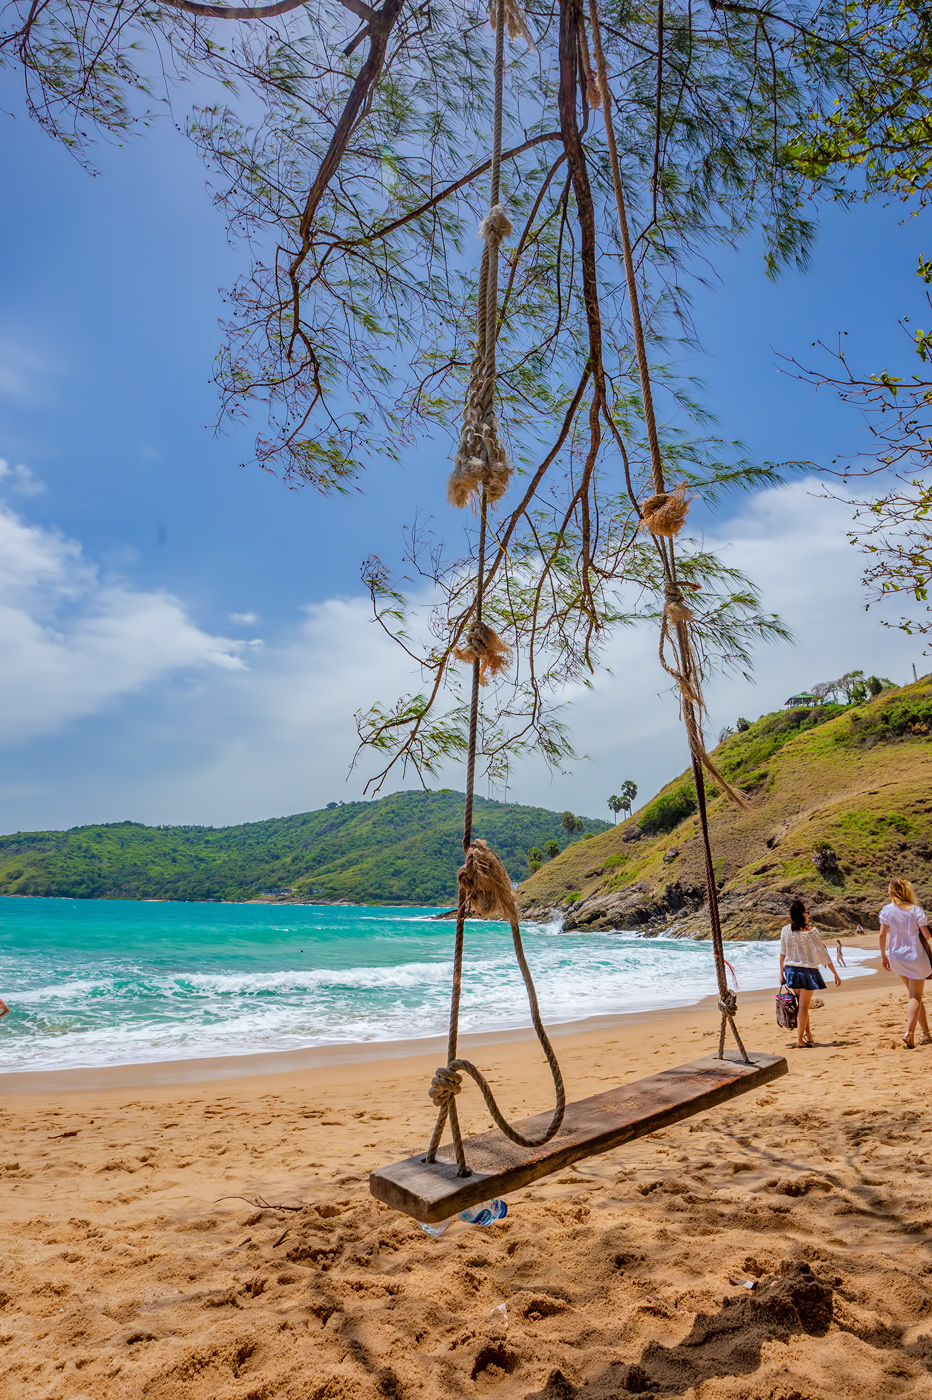 Ya Nui Beach ⛱️ What to do in Ya Nui Beach? - by PHUKET 101